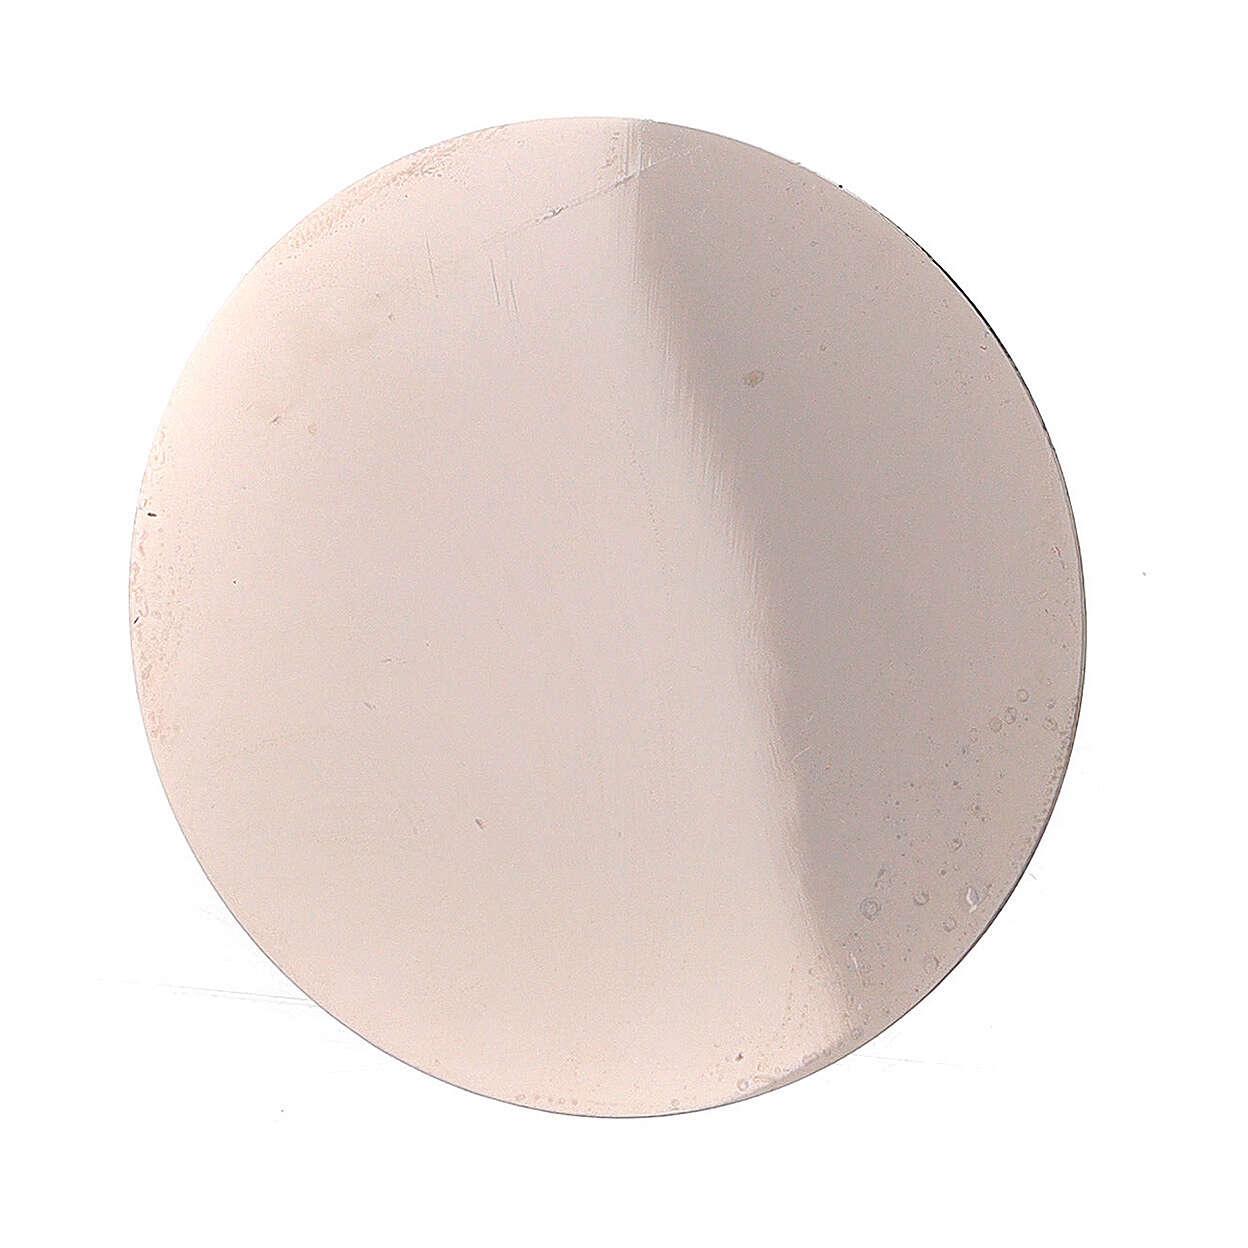 Platillo incienso recambio pebetero acero 5 cm 3